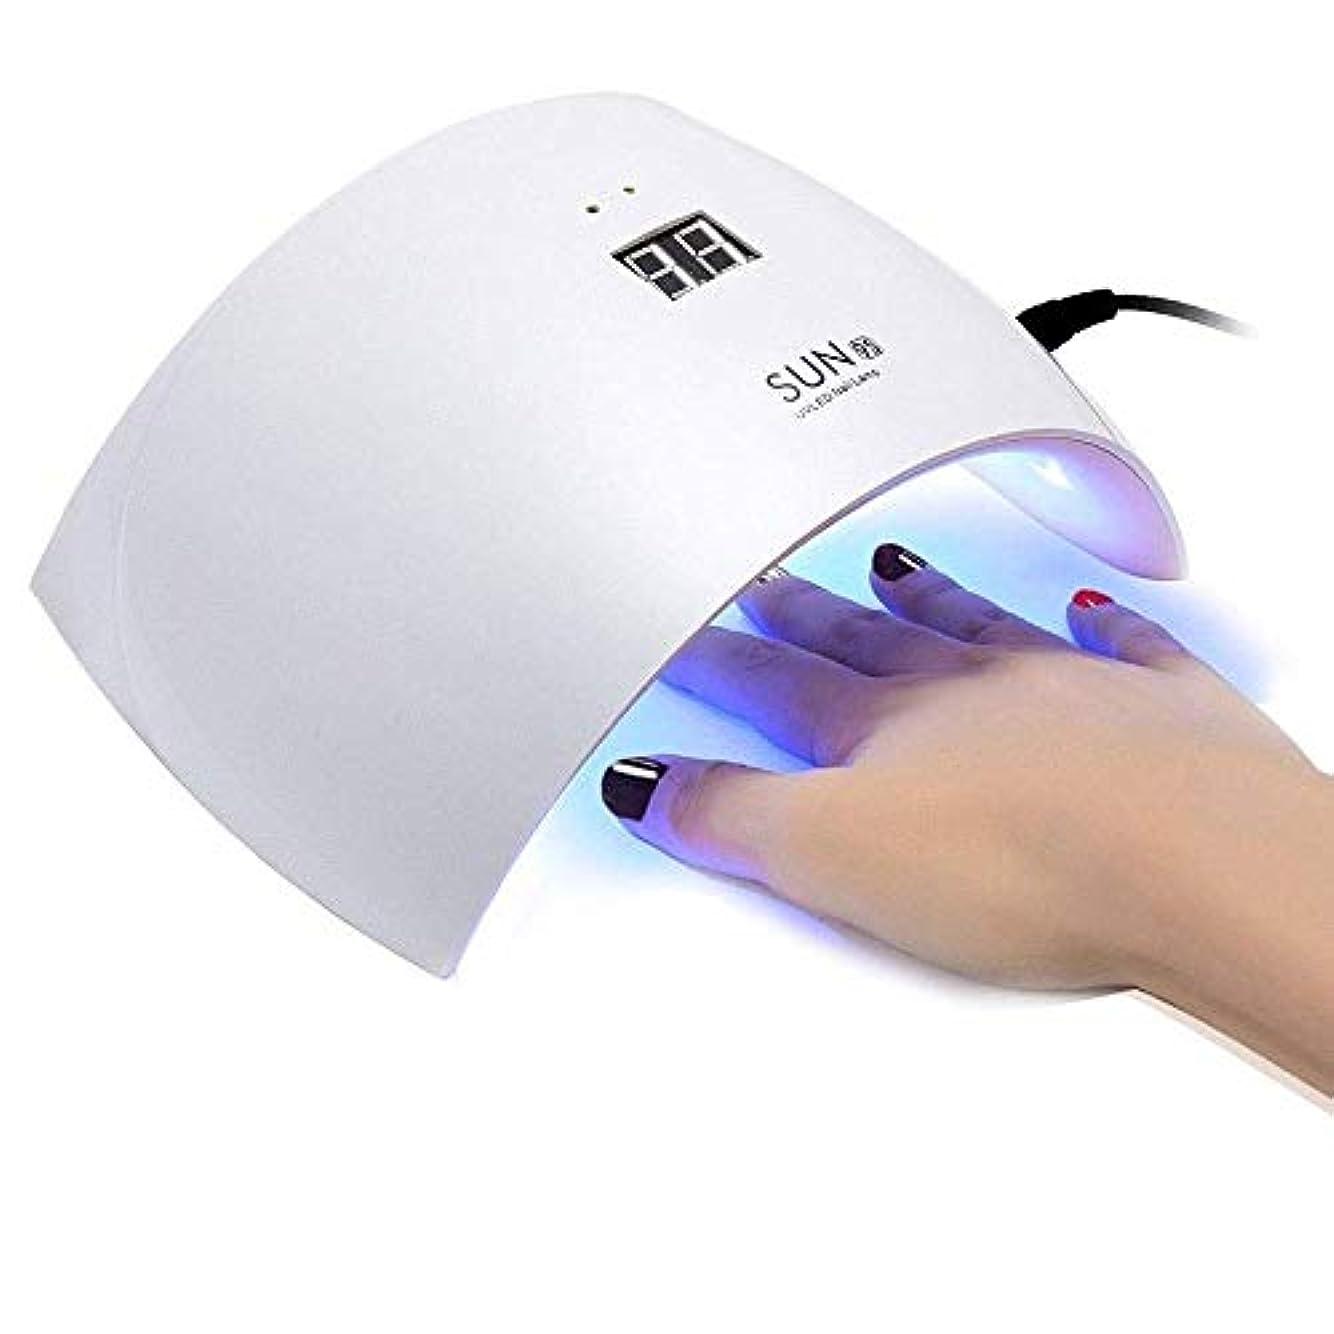 そっとお勧めシュリンクDHINGM ランプ、24Wの電源を爪。15 UV + LEDデュアルソースのLED、速硬化、非常にエネルギー効率、耐久性に優れたインテリジェントな自動センシングは、爪を傷つけることはありません